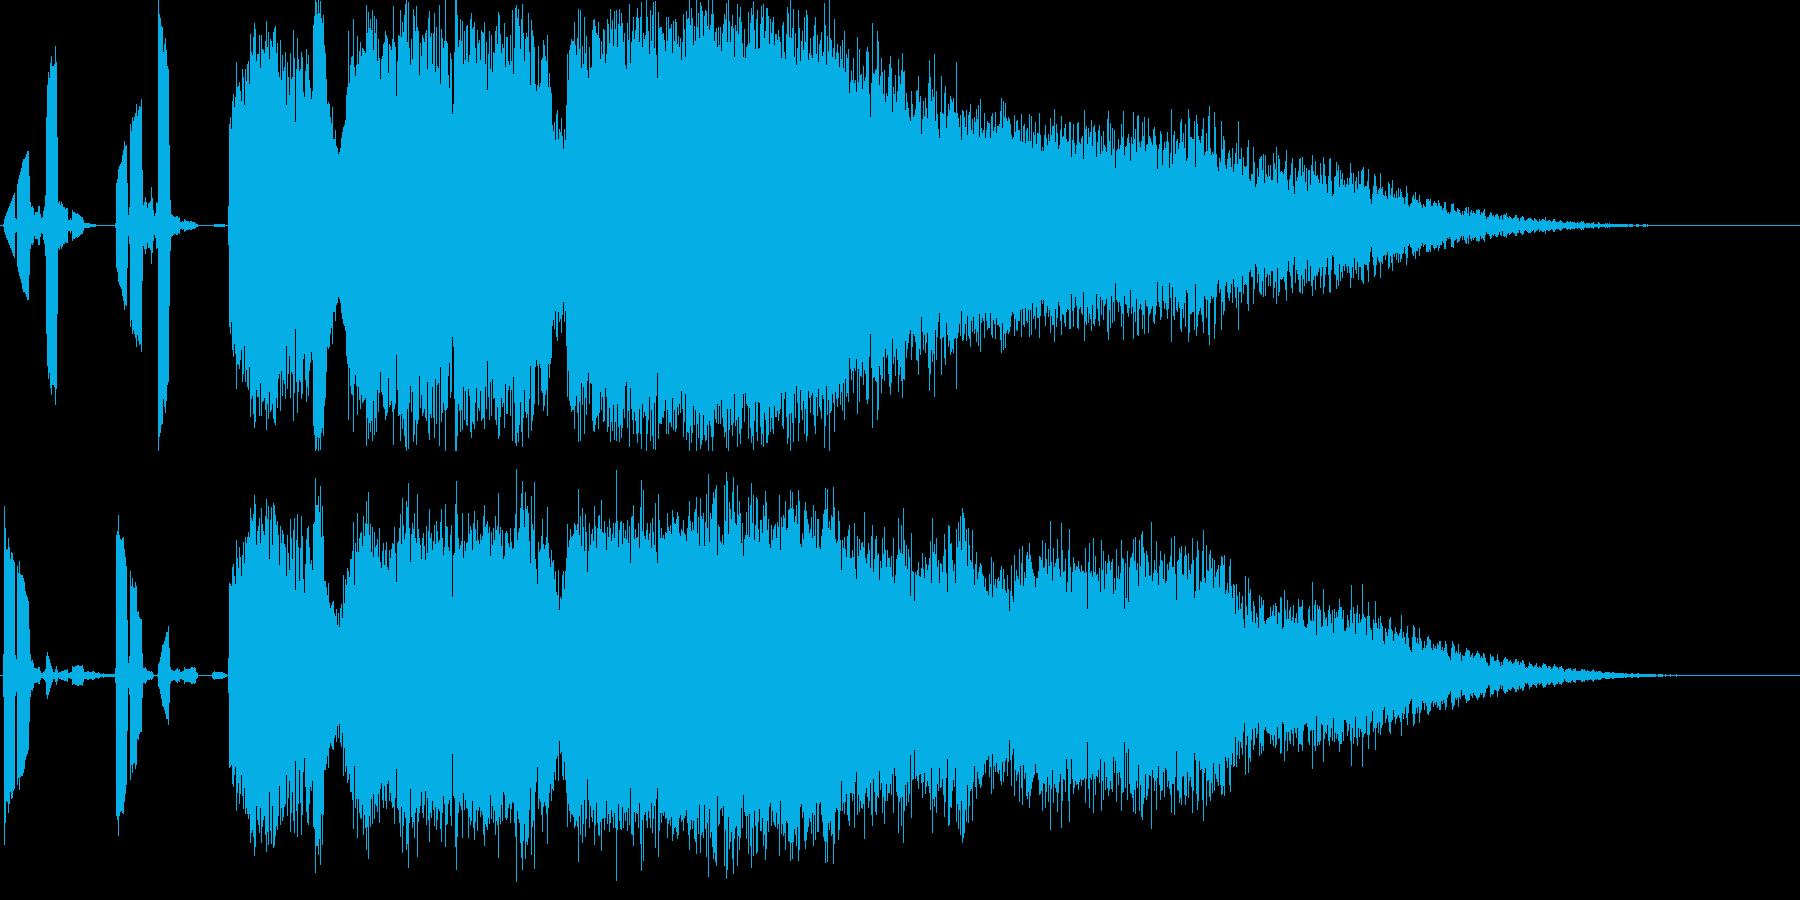 「あなただけの」サウンドロゴ(宇宙系)の再生済みの波形